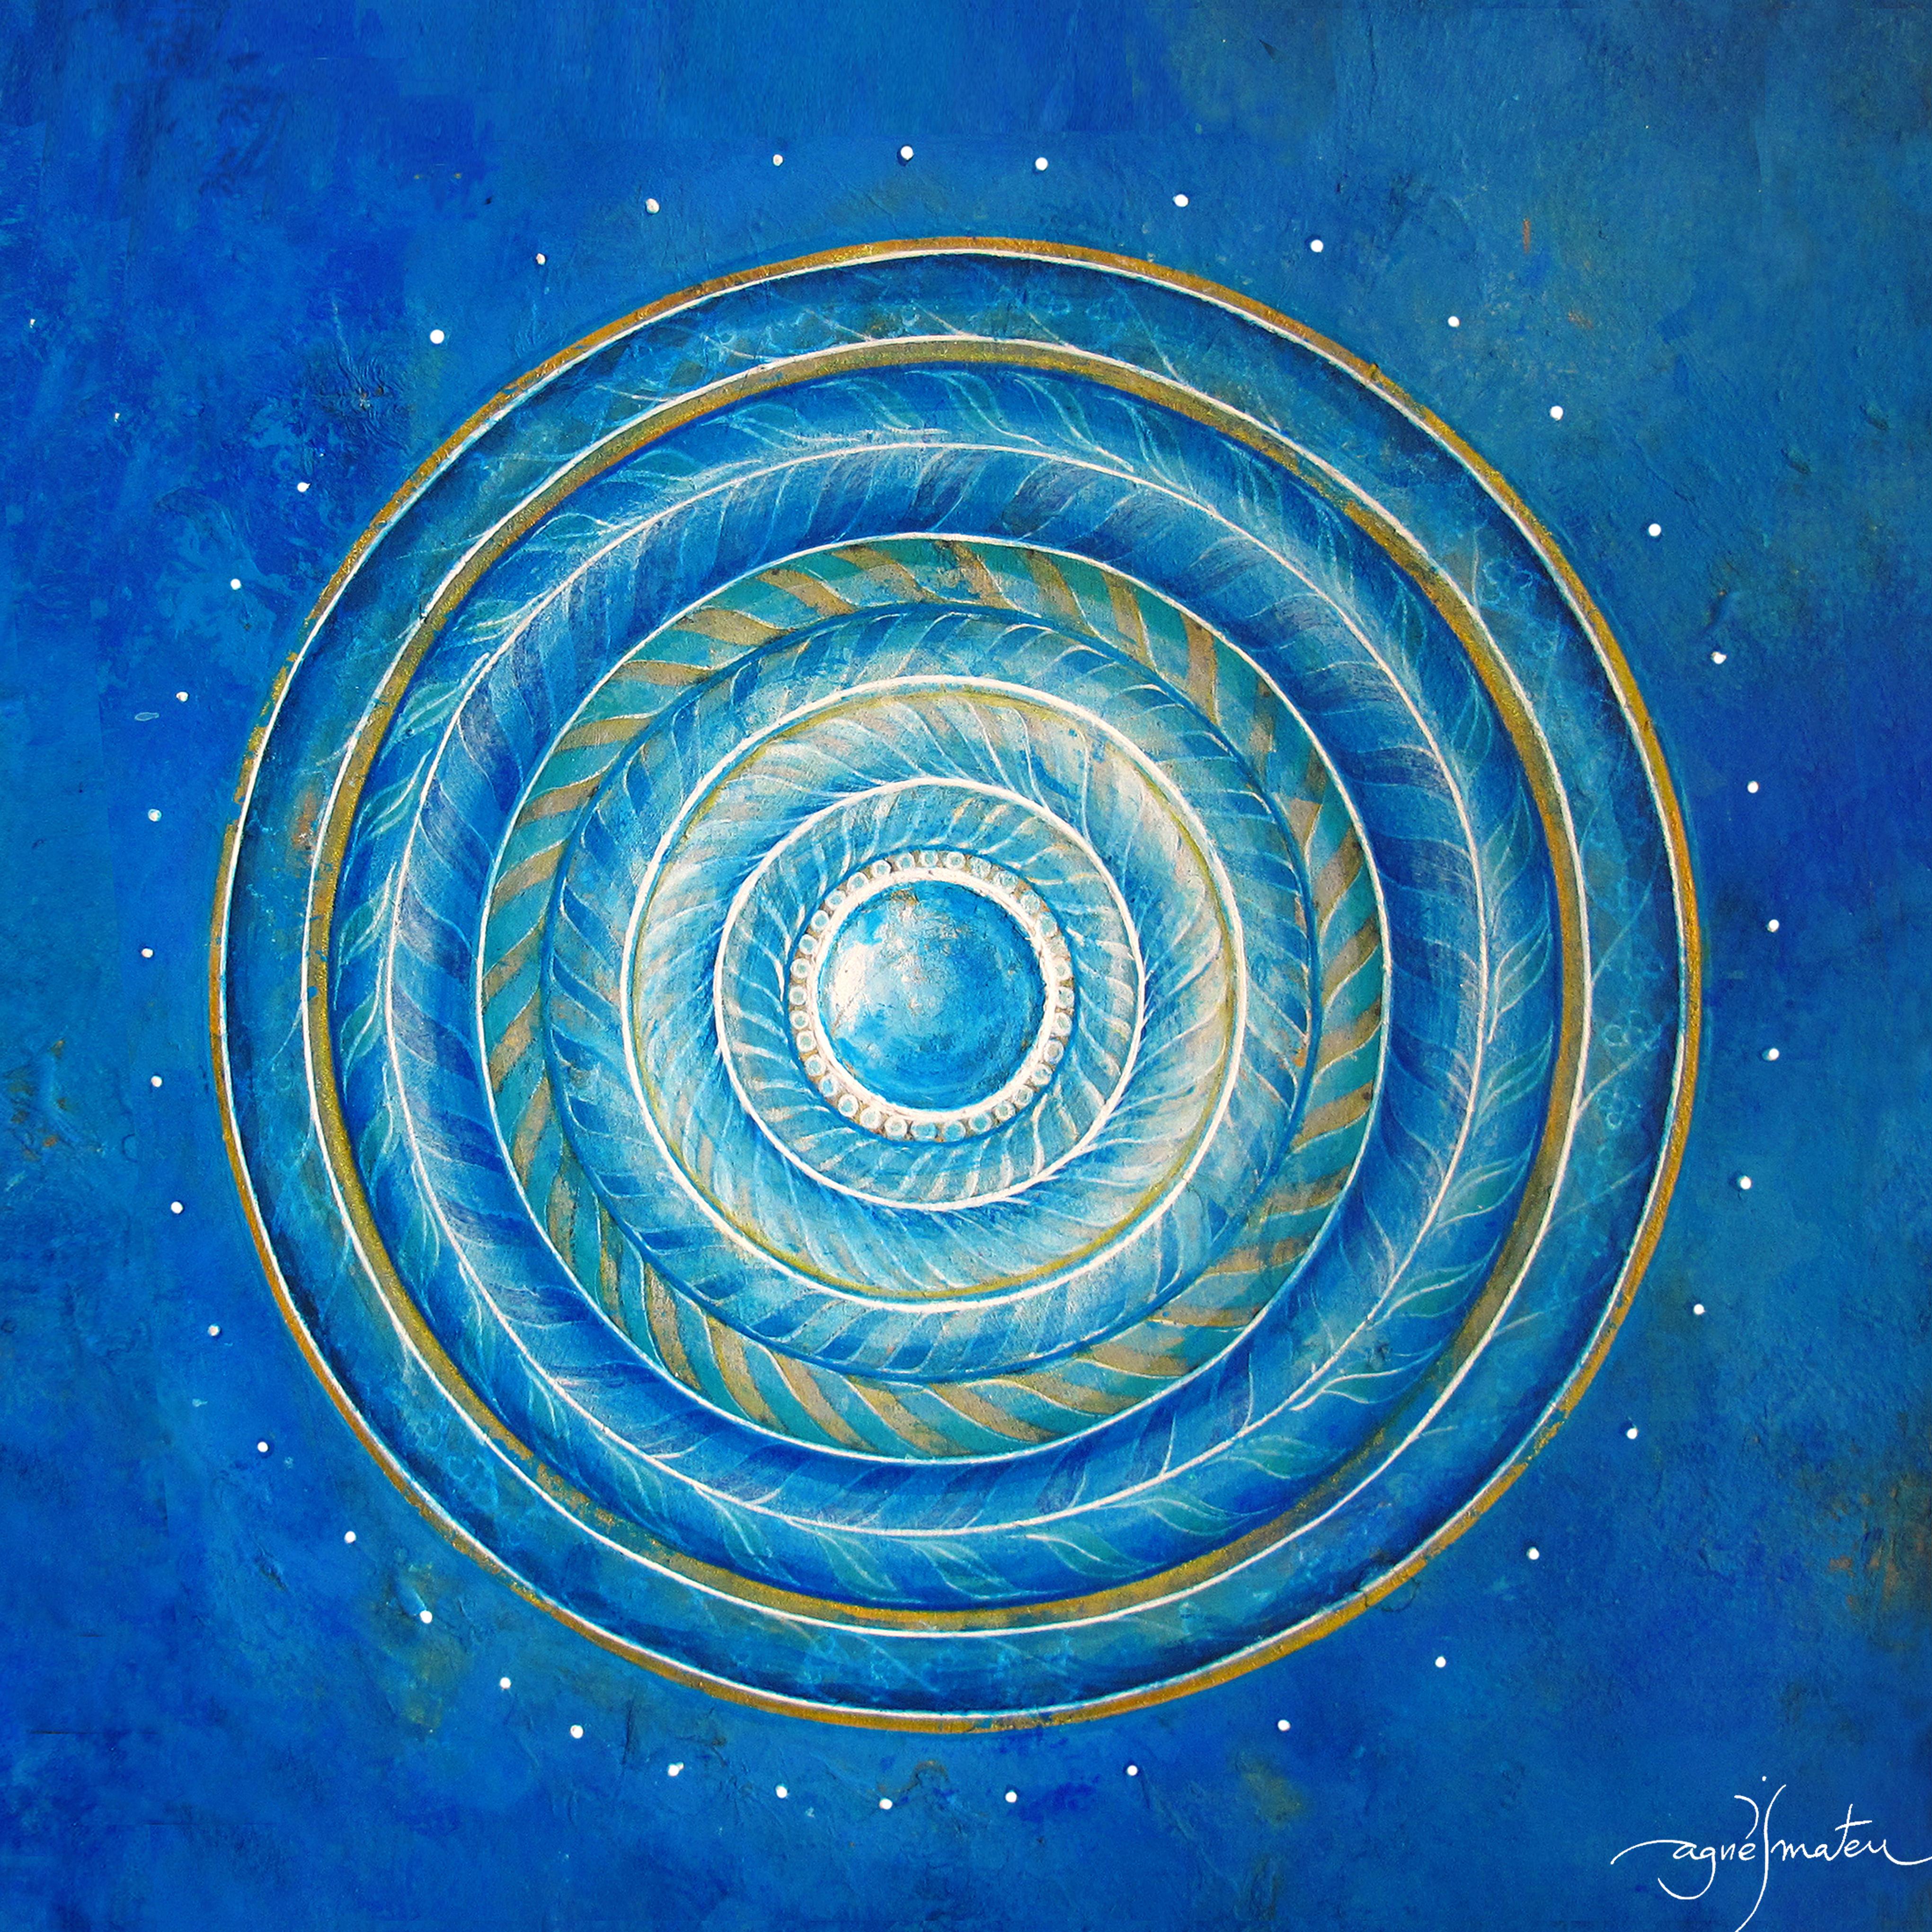 06__agnes_mateu_mandala_full_moon_MANDALAS